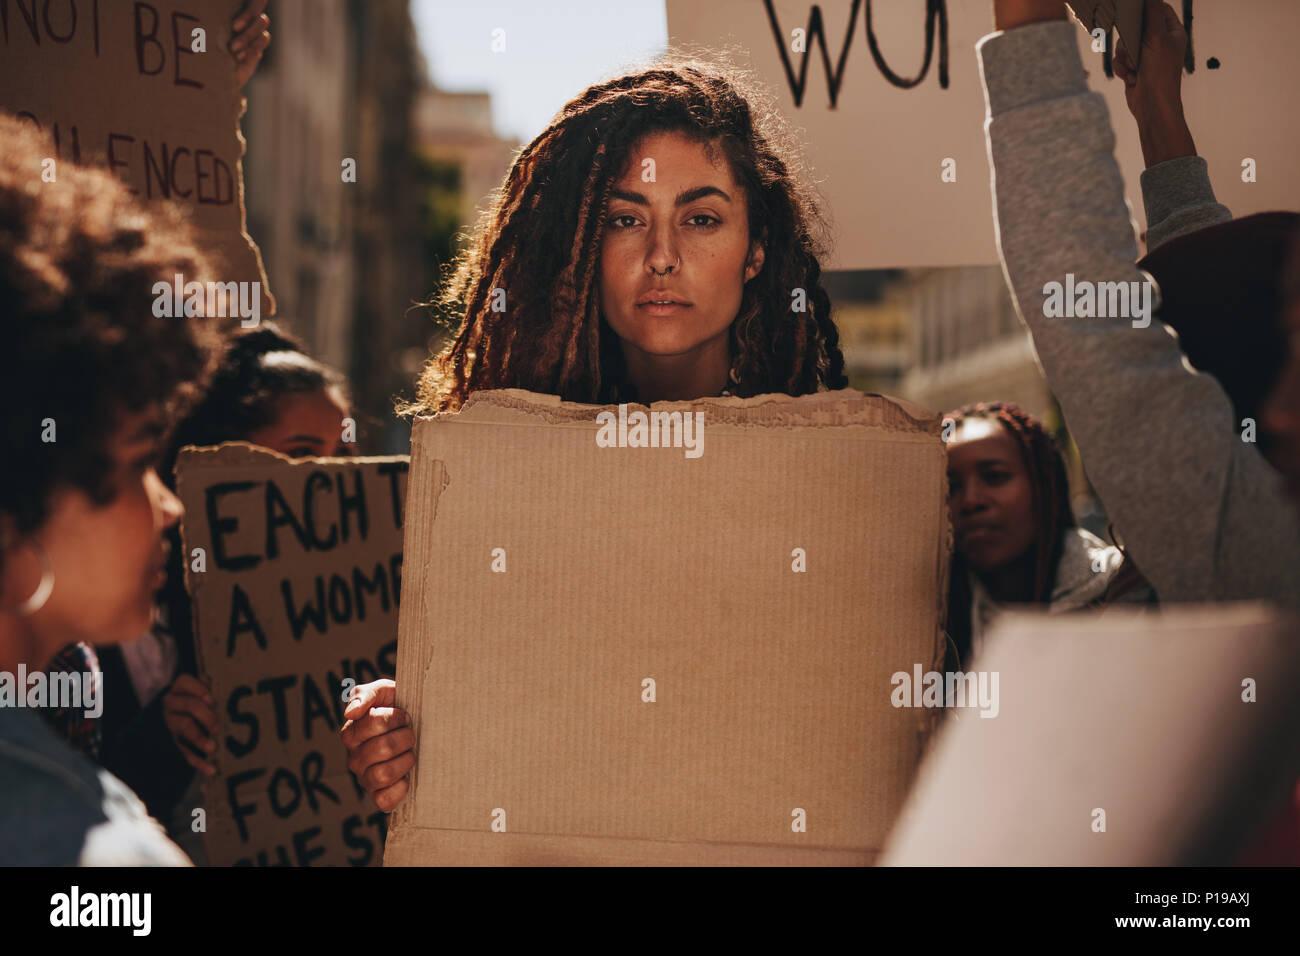 Serious woman holding a blank placard au cours d'une manifestation à l'extérieur. Groupe de femmes manifestants sur route avec des bannières. Photo Stock